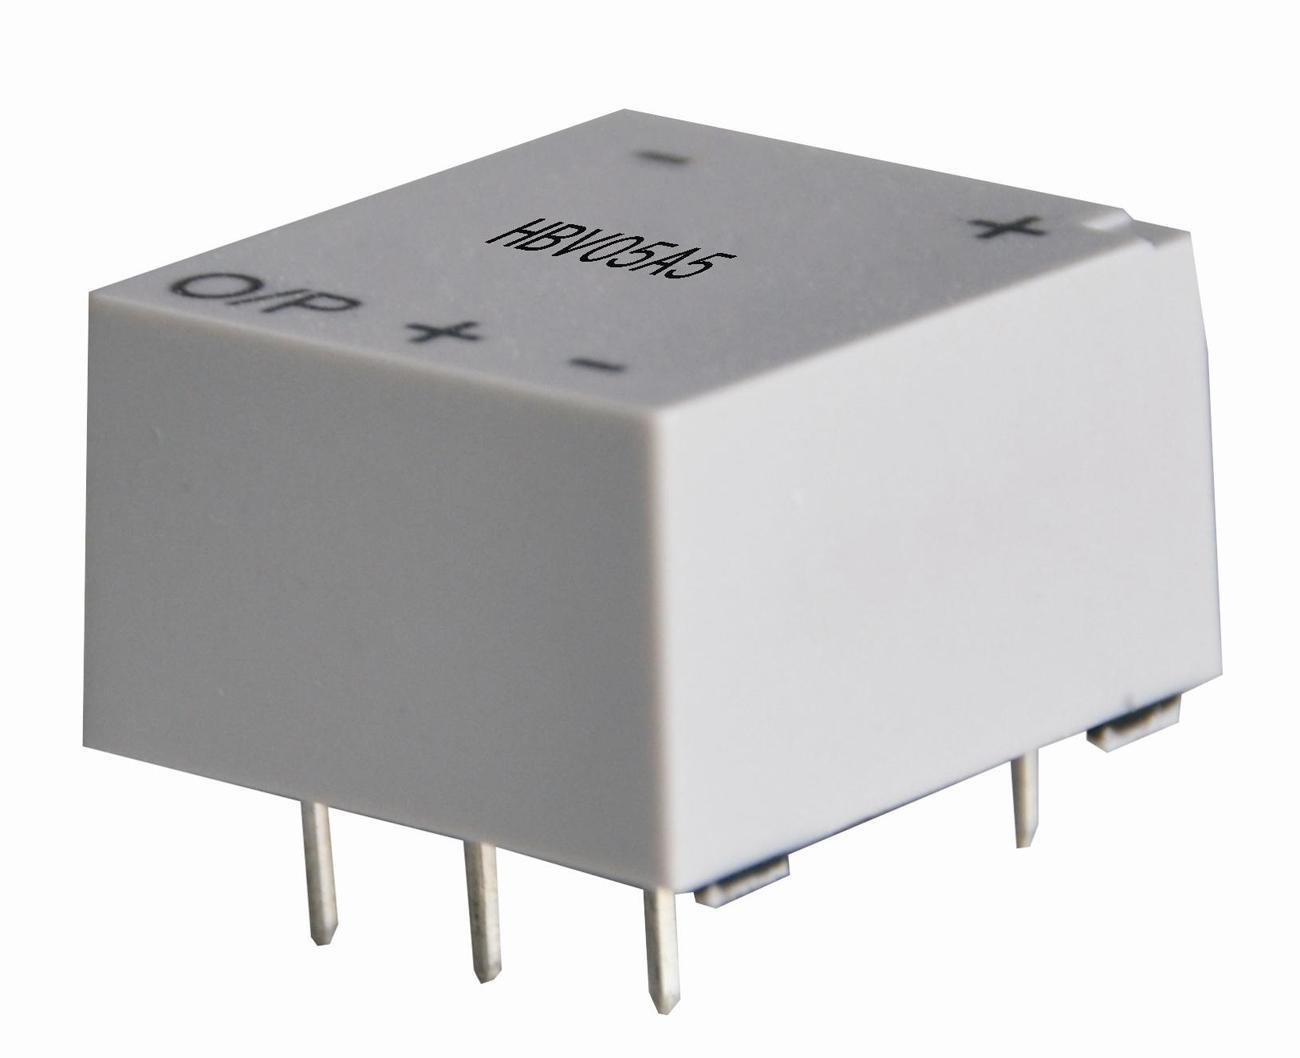 شي HBV-A5 سميكة من مصدر واحد قاعة الجهد الاستشعار قياس 5ma10MA 10-500V5-1200V